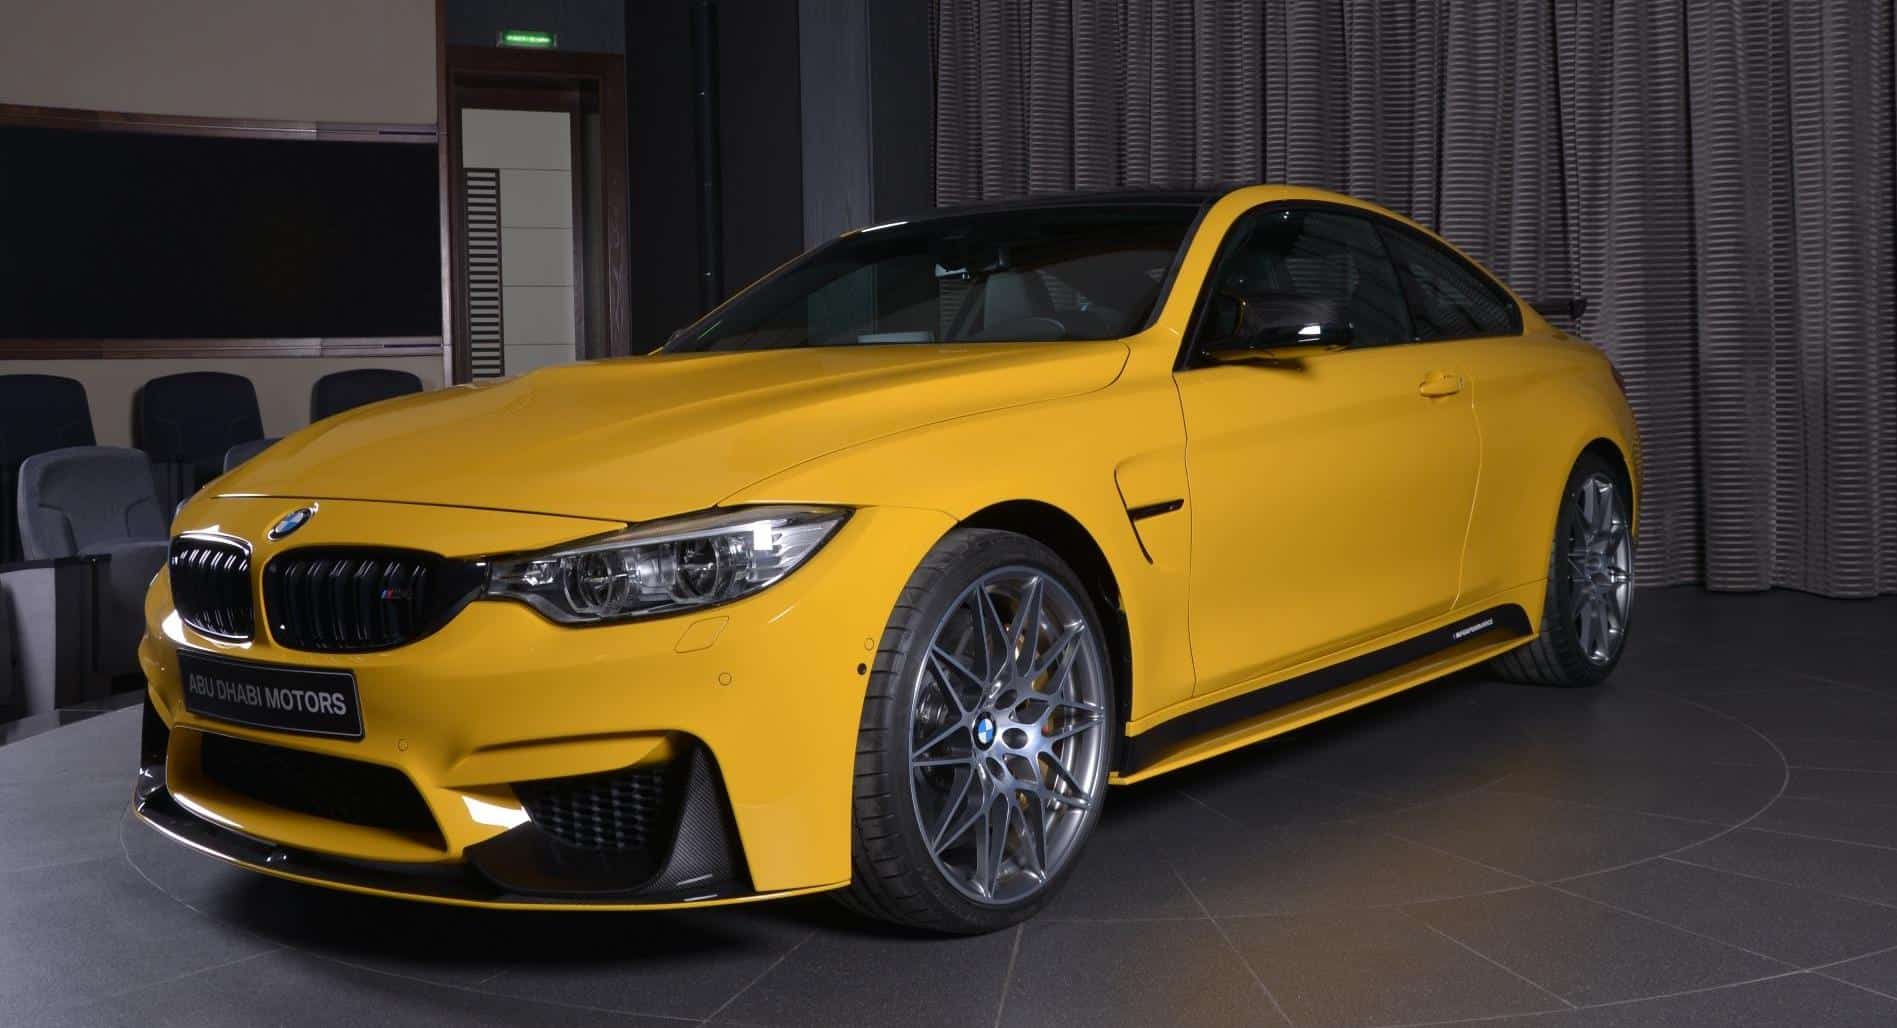 Este BMW M4 Competition Package 'Speed Yellow' está a la venta en Abu Dhabi y es de todo menos discreto